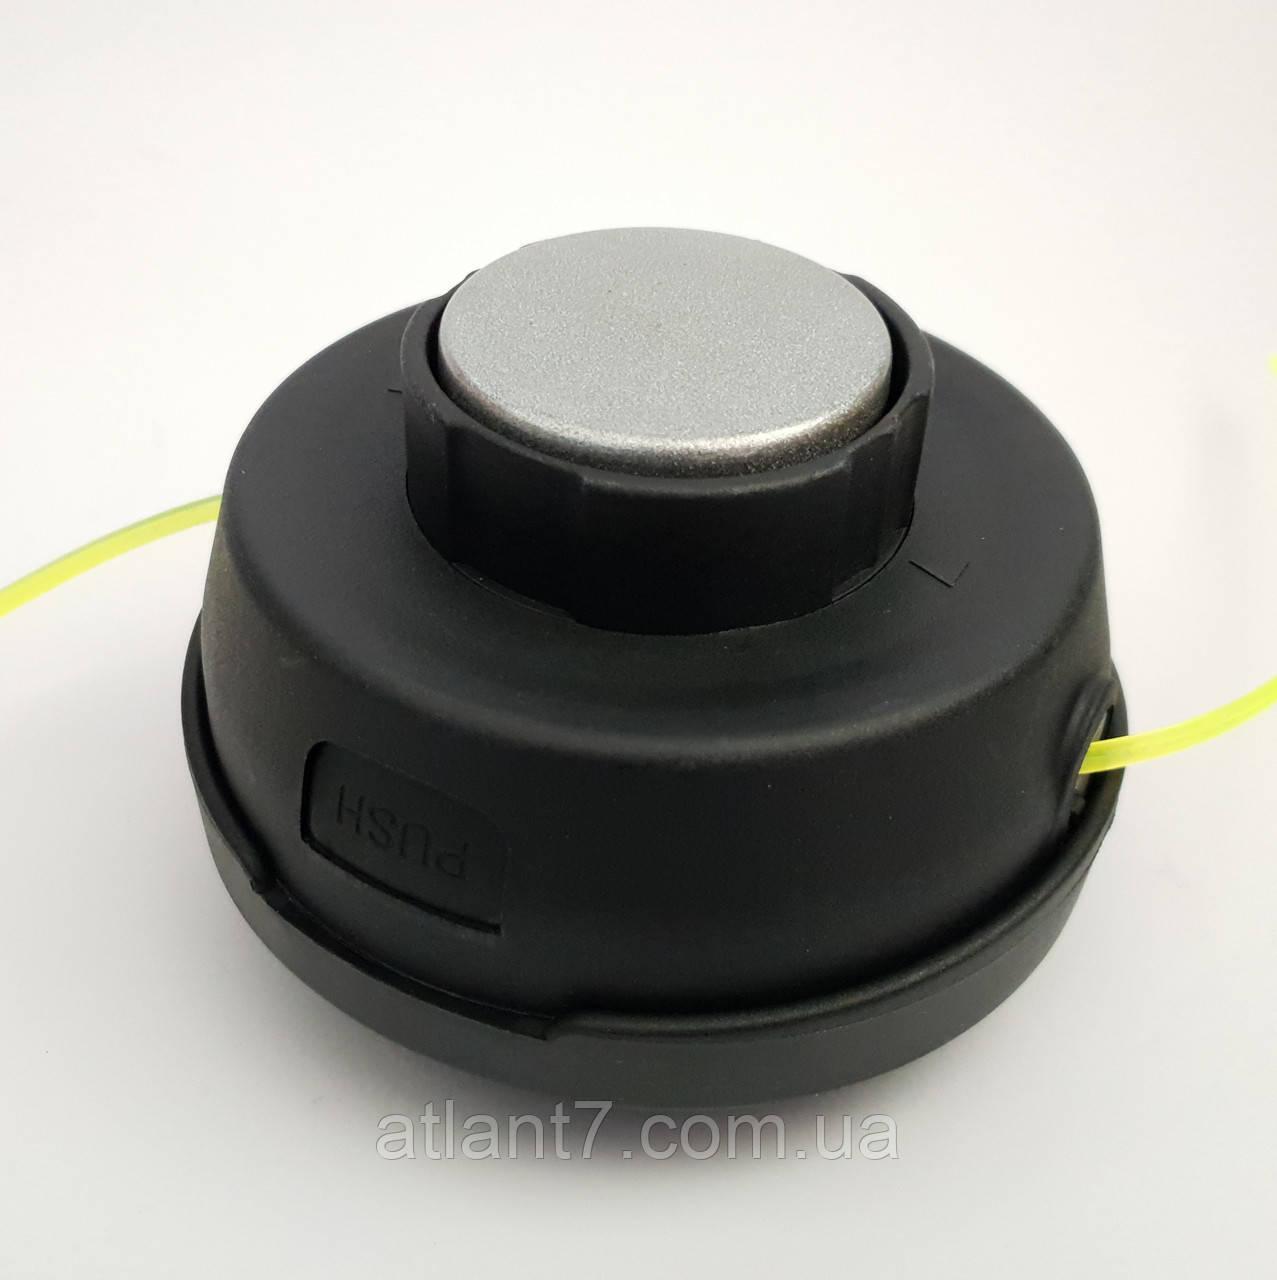 Автоматическая катушка для бензокосы с подшипником оригинал